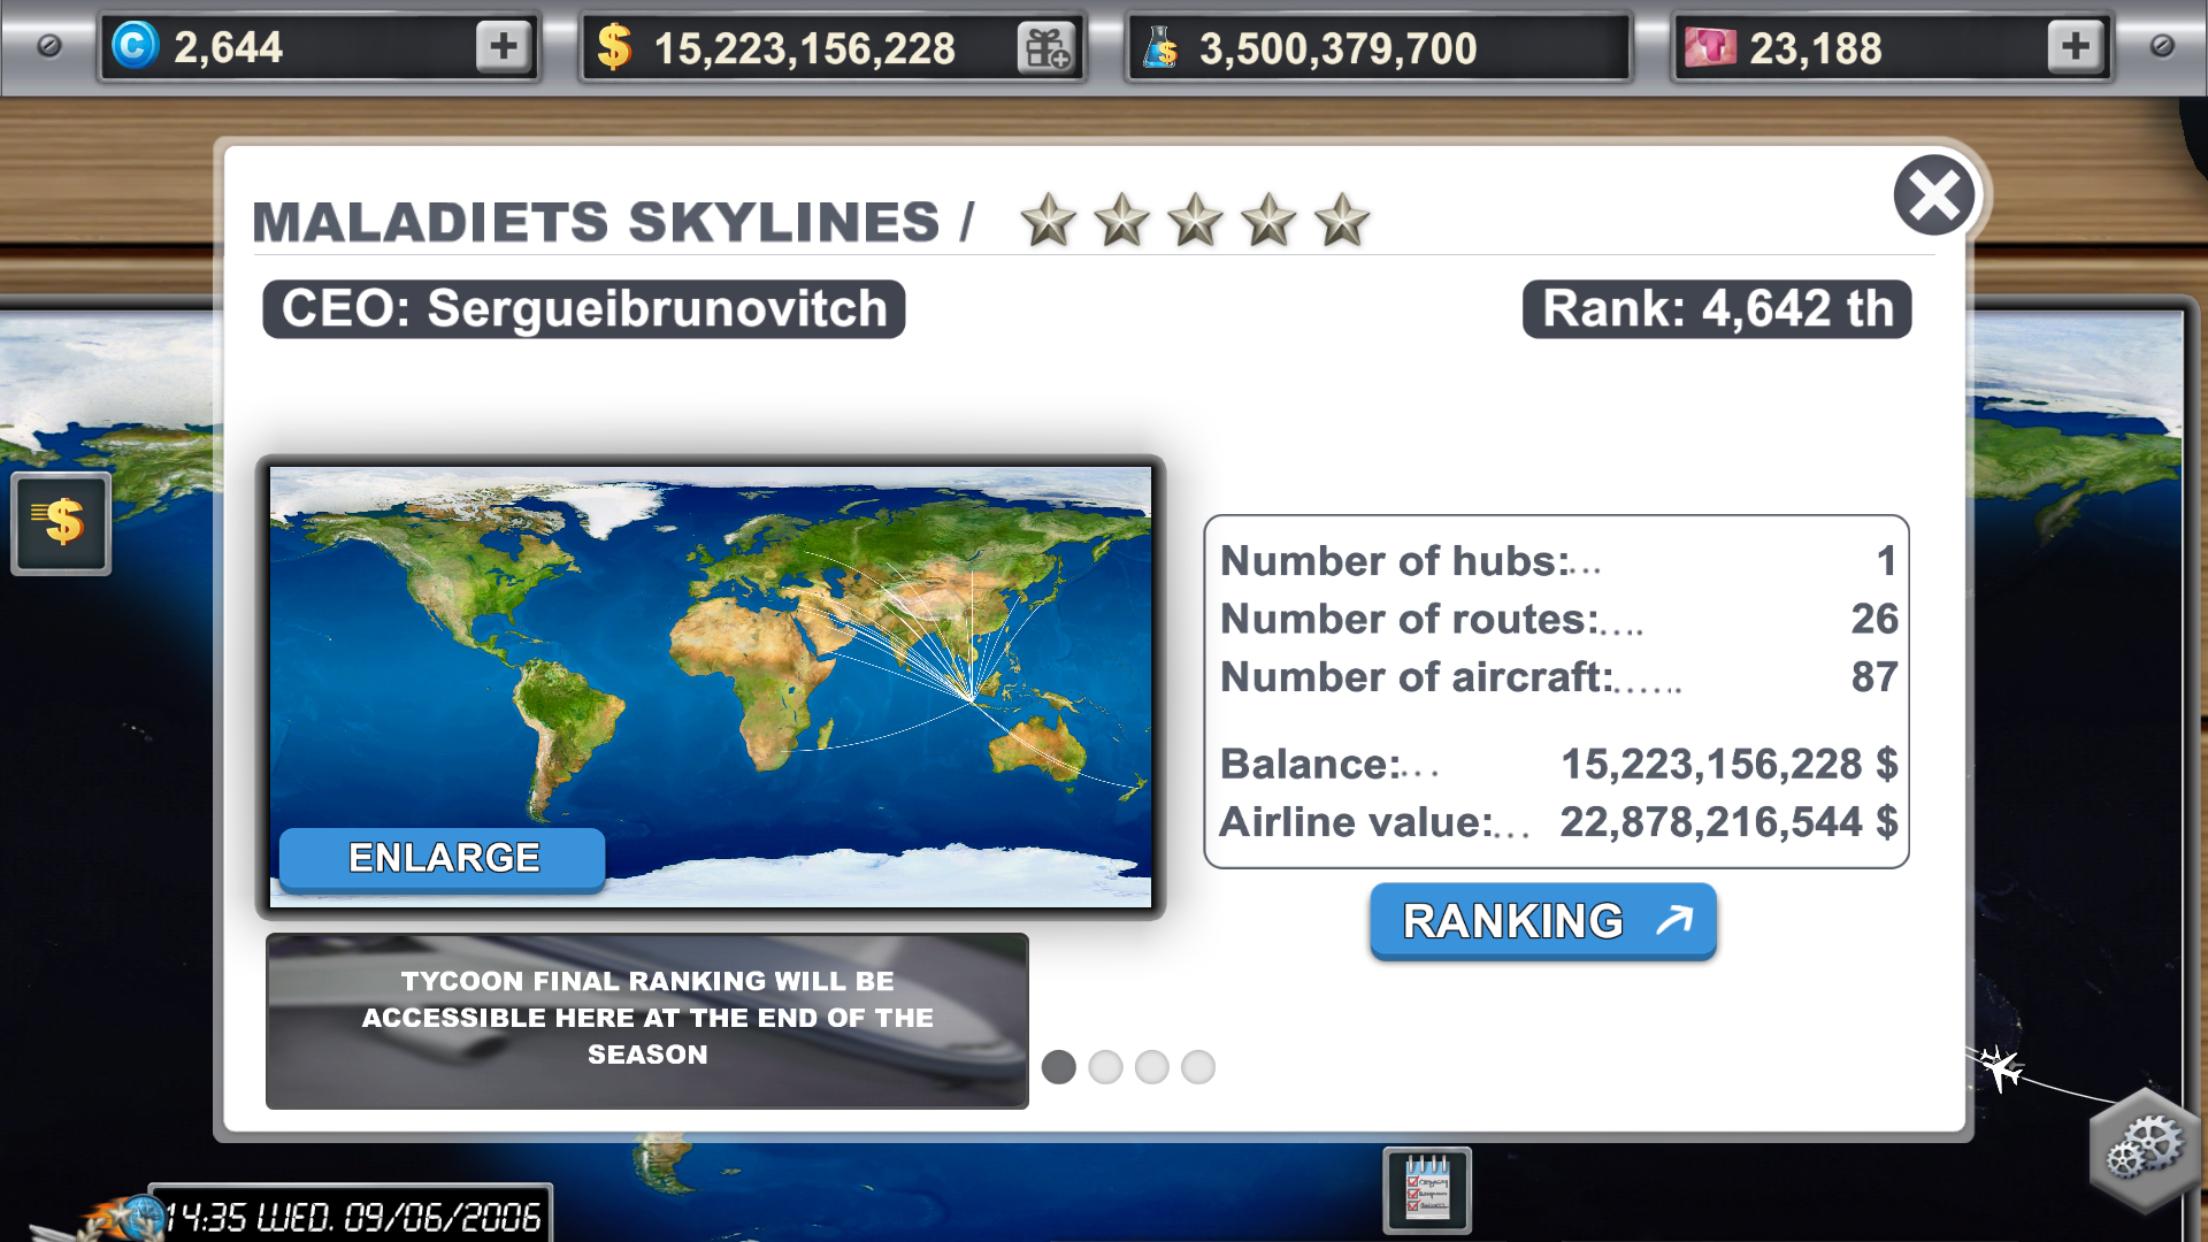 Tycoon ranking